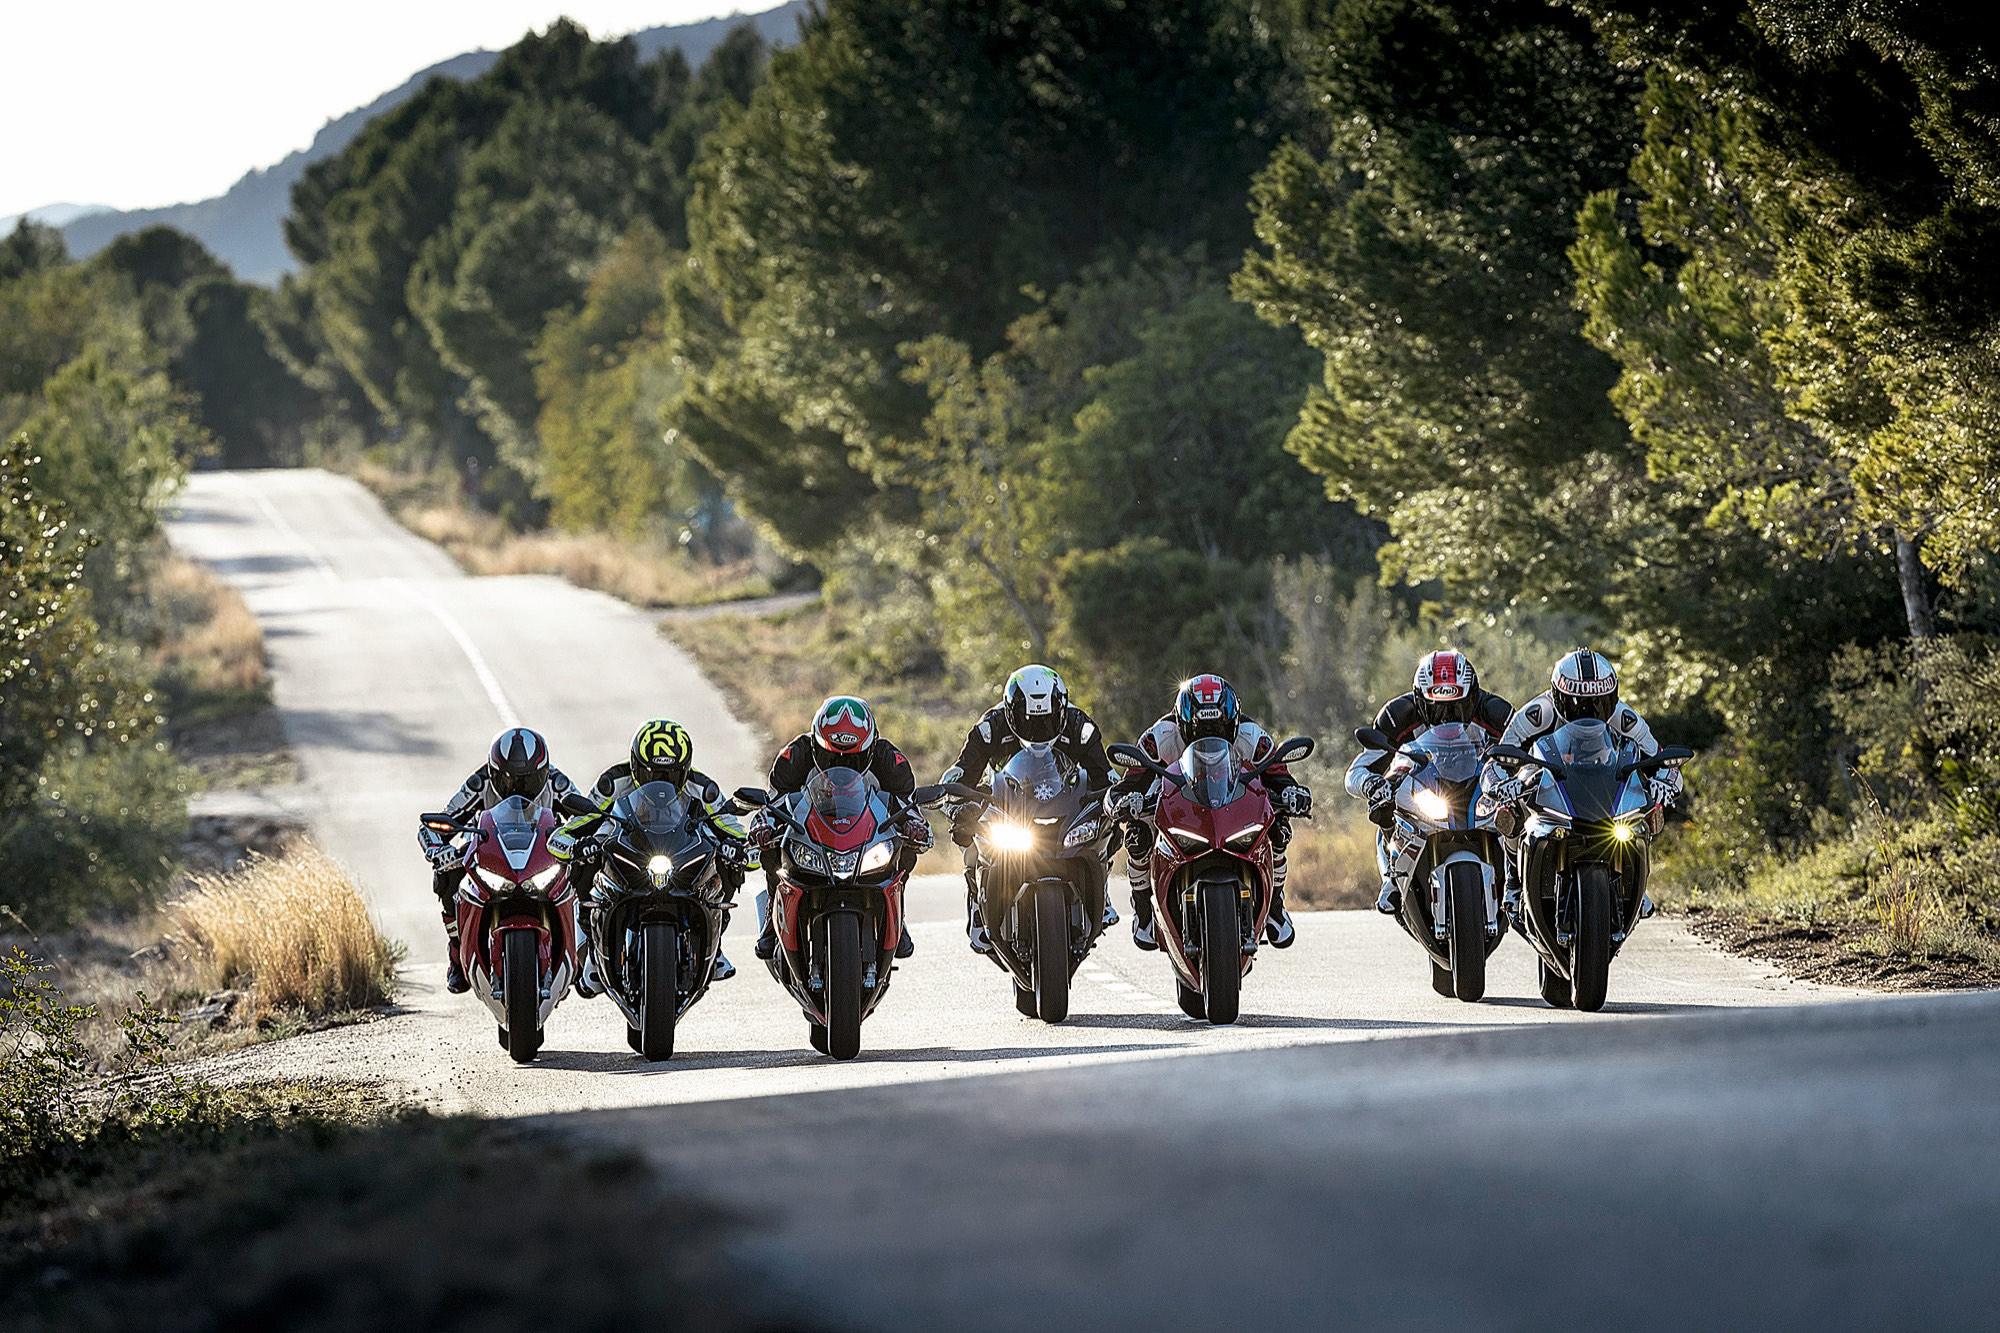 Comparativa Superbike 2018: el último avance de Ducati frente a las establecidas